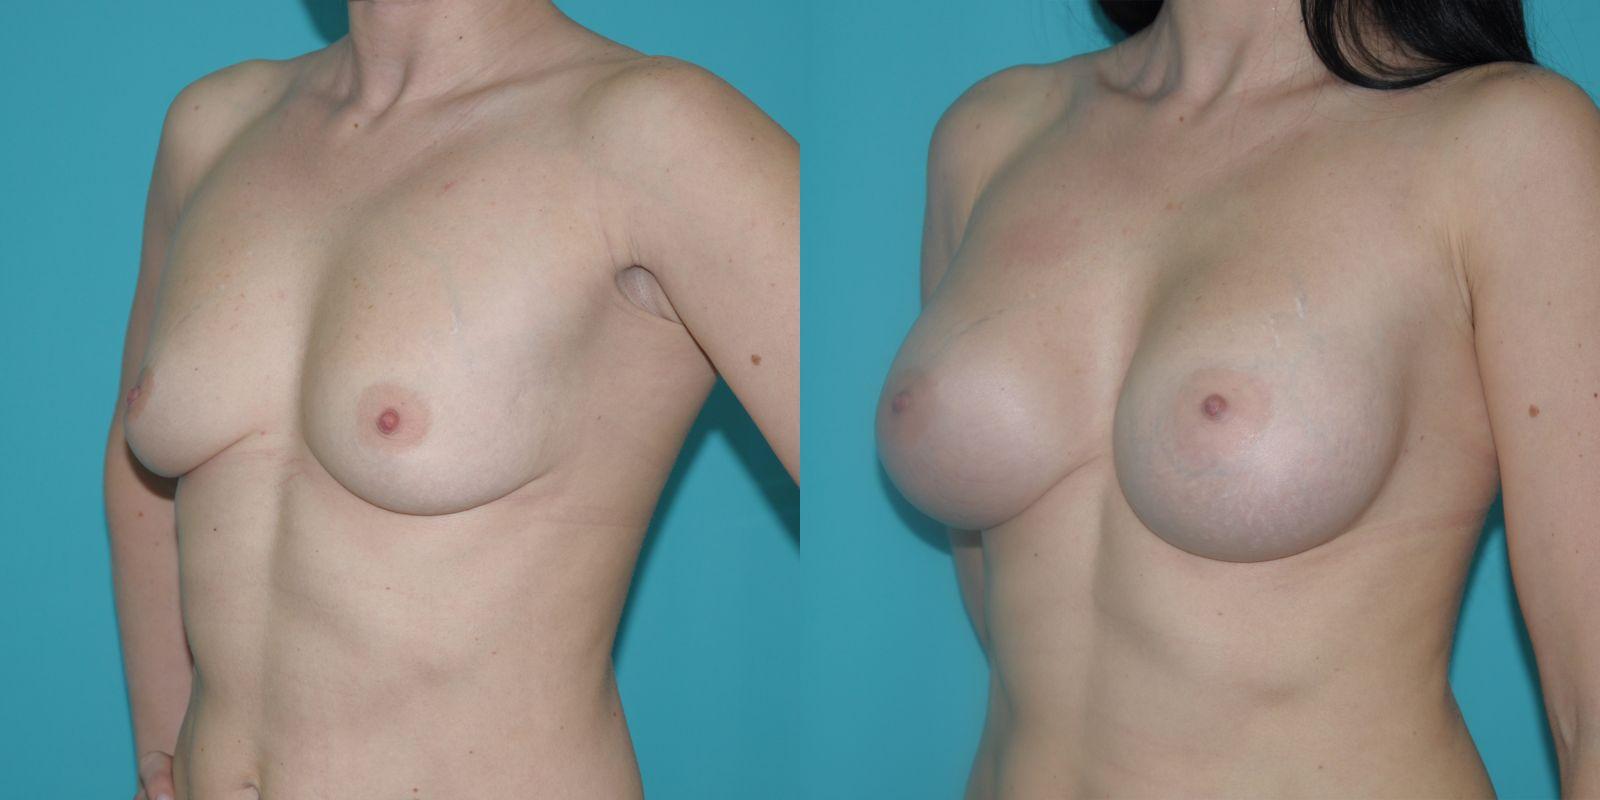 Цвет соска женской груди 22 фотография